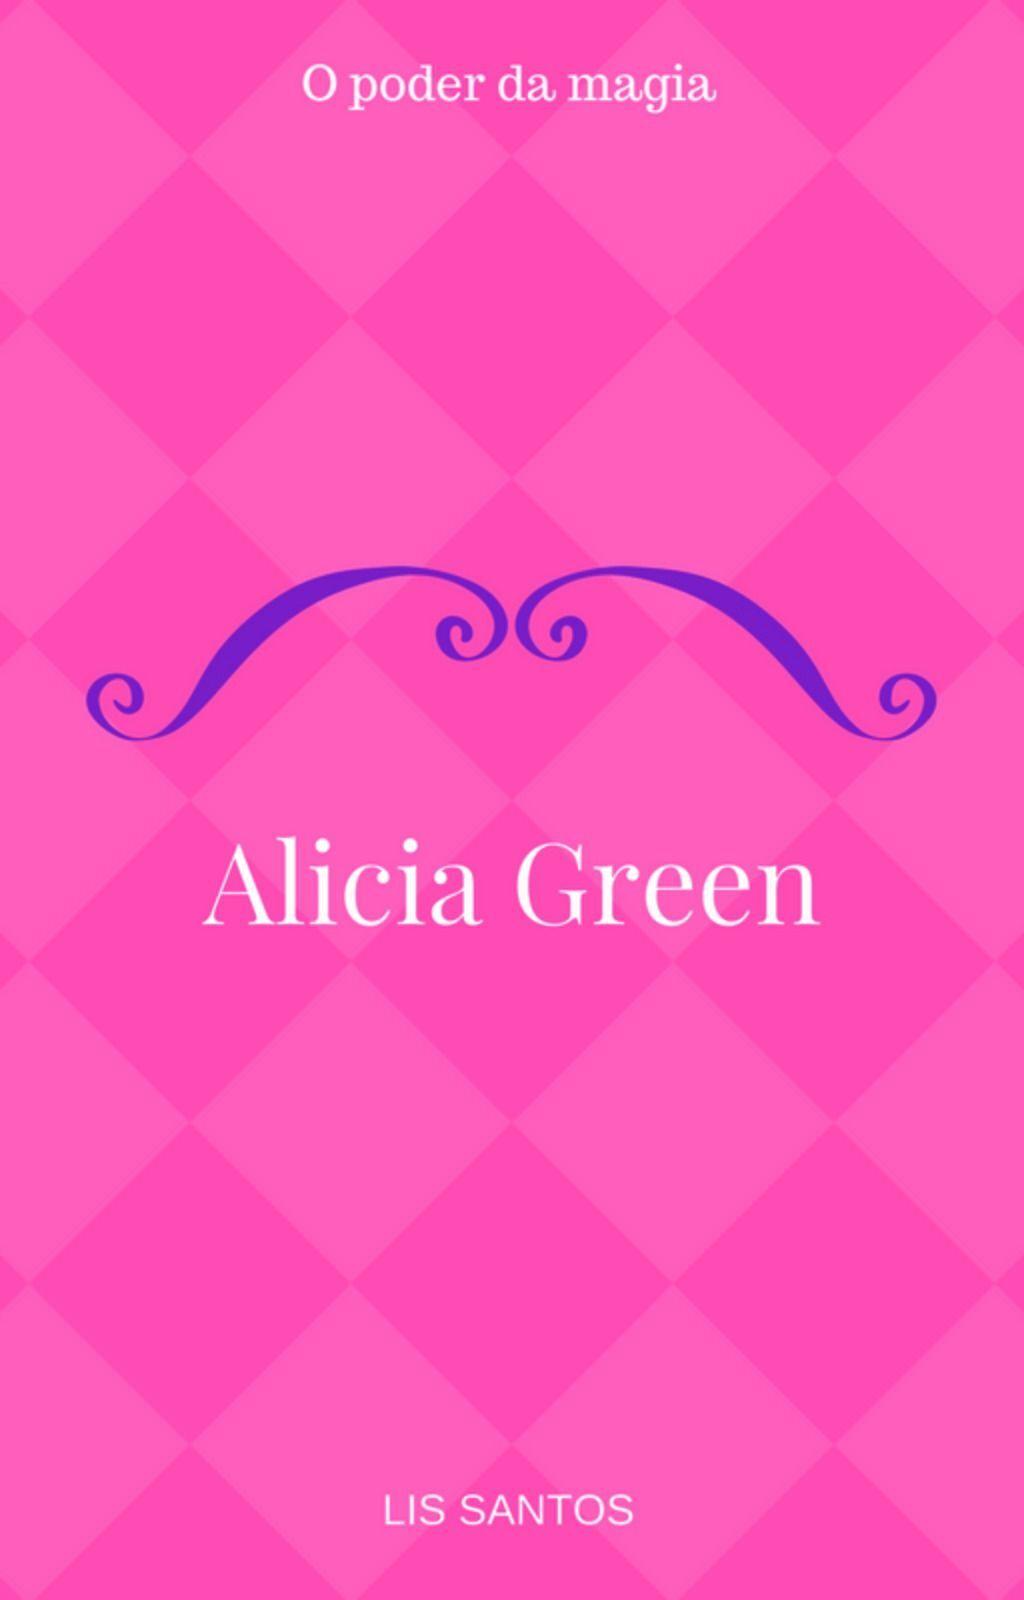 Alicia Green